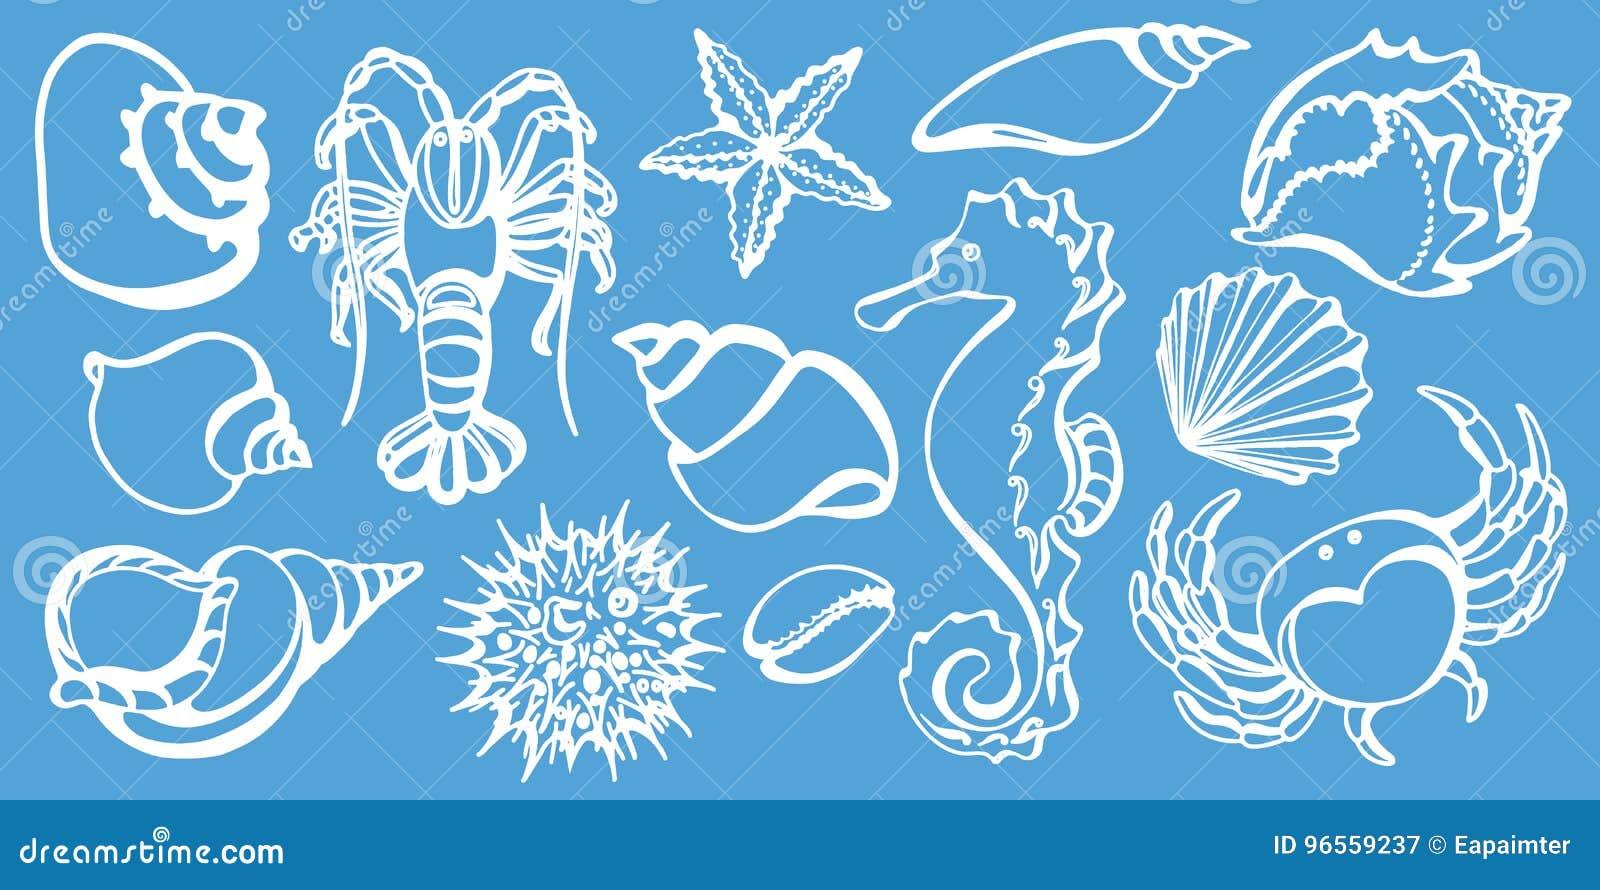 Uppsättning av krabban, havshäst, cancer, snäckskal, havsgatubarn, sjöstjärna Skissa vektorn